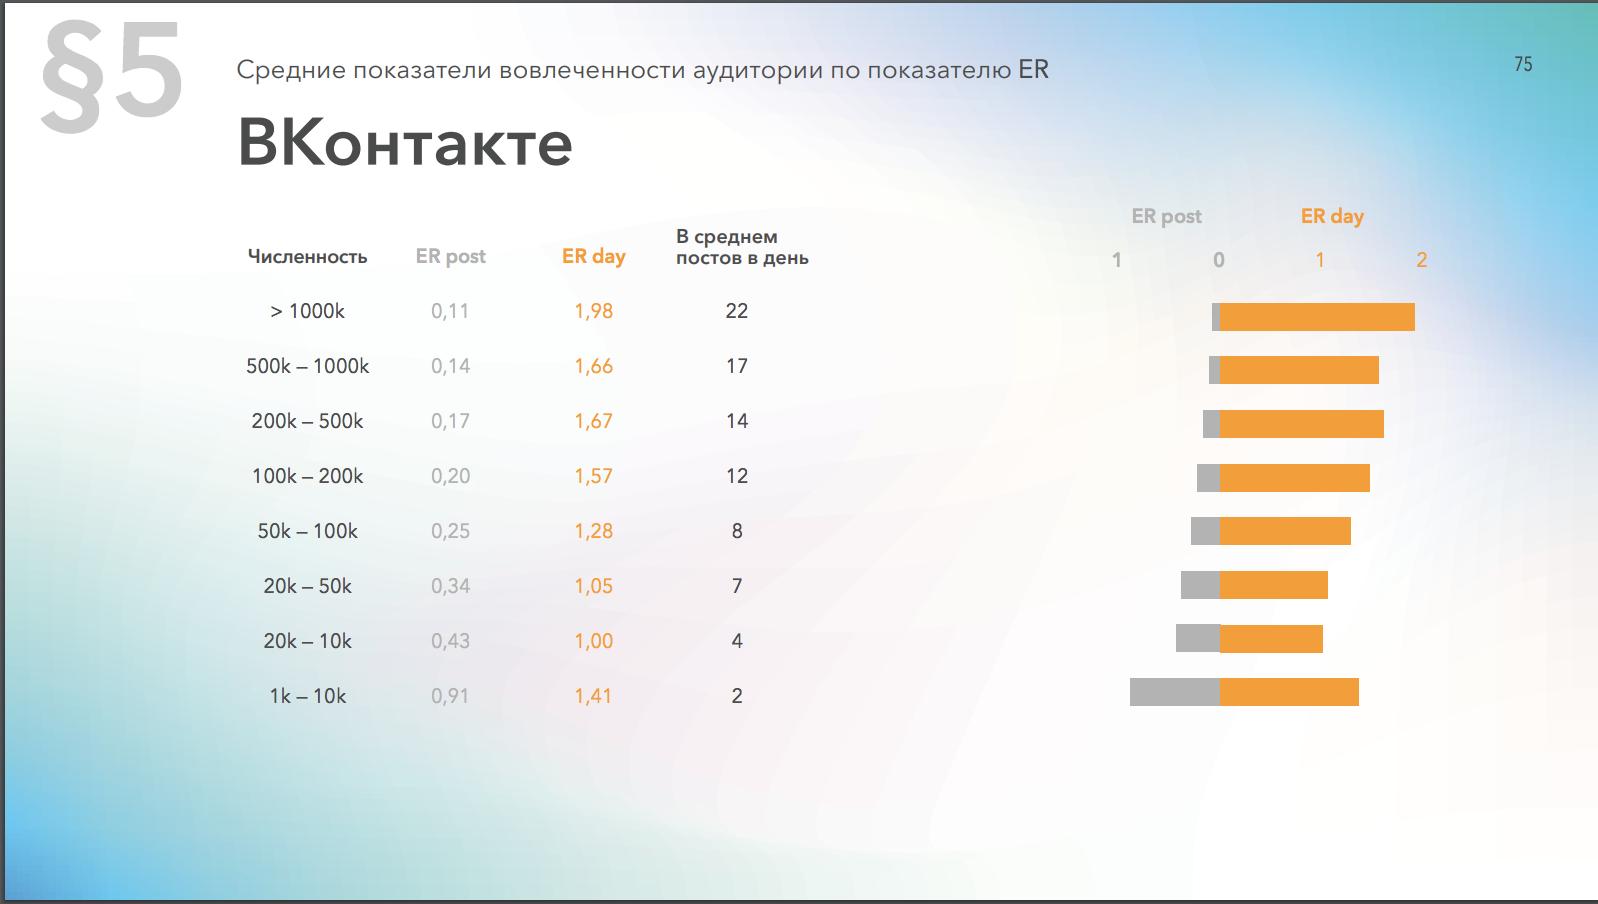 Средний уровень вовлеченности страниц в Вконтакте в зависимости от количества подписчиков